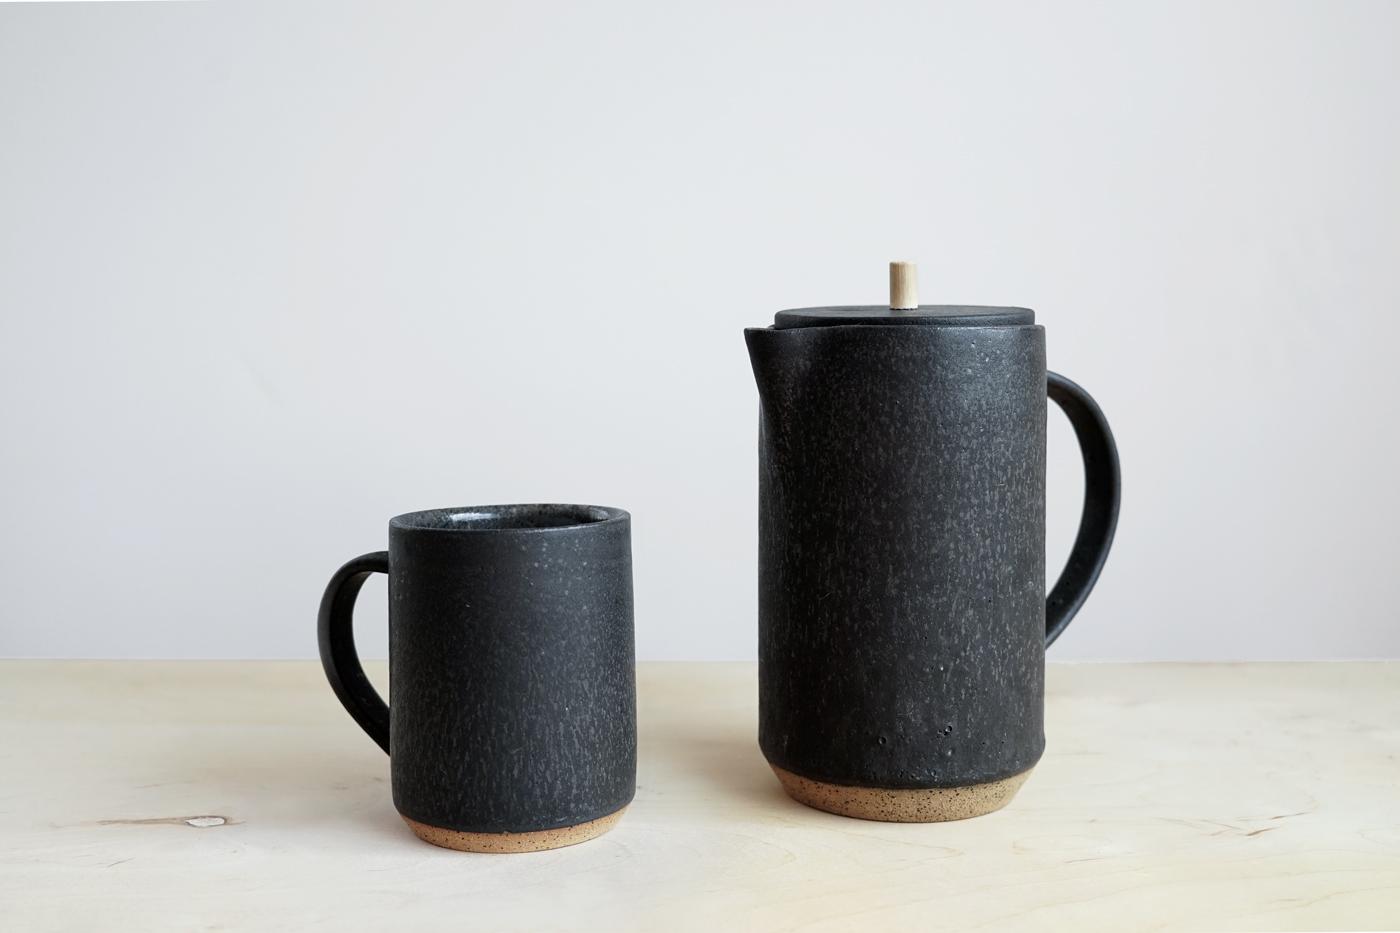 teapot-mug-set-1.jpg